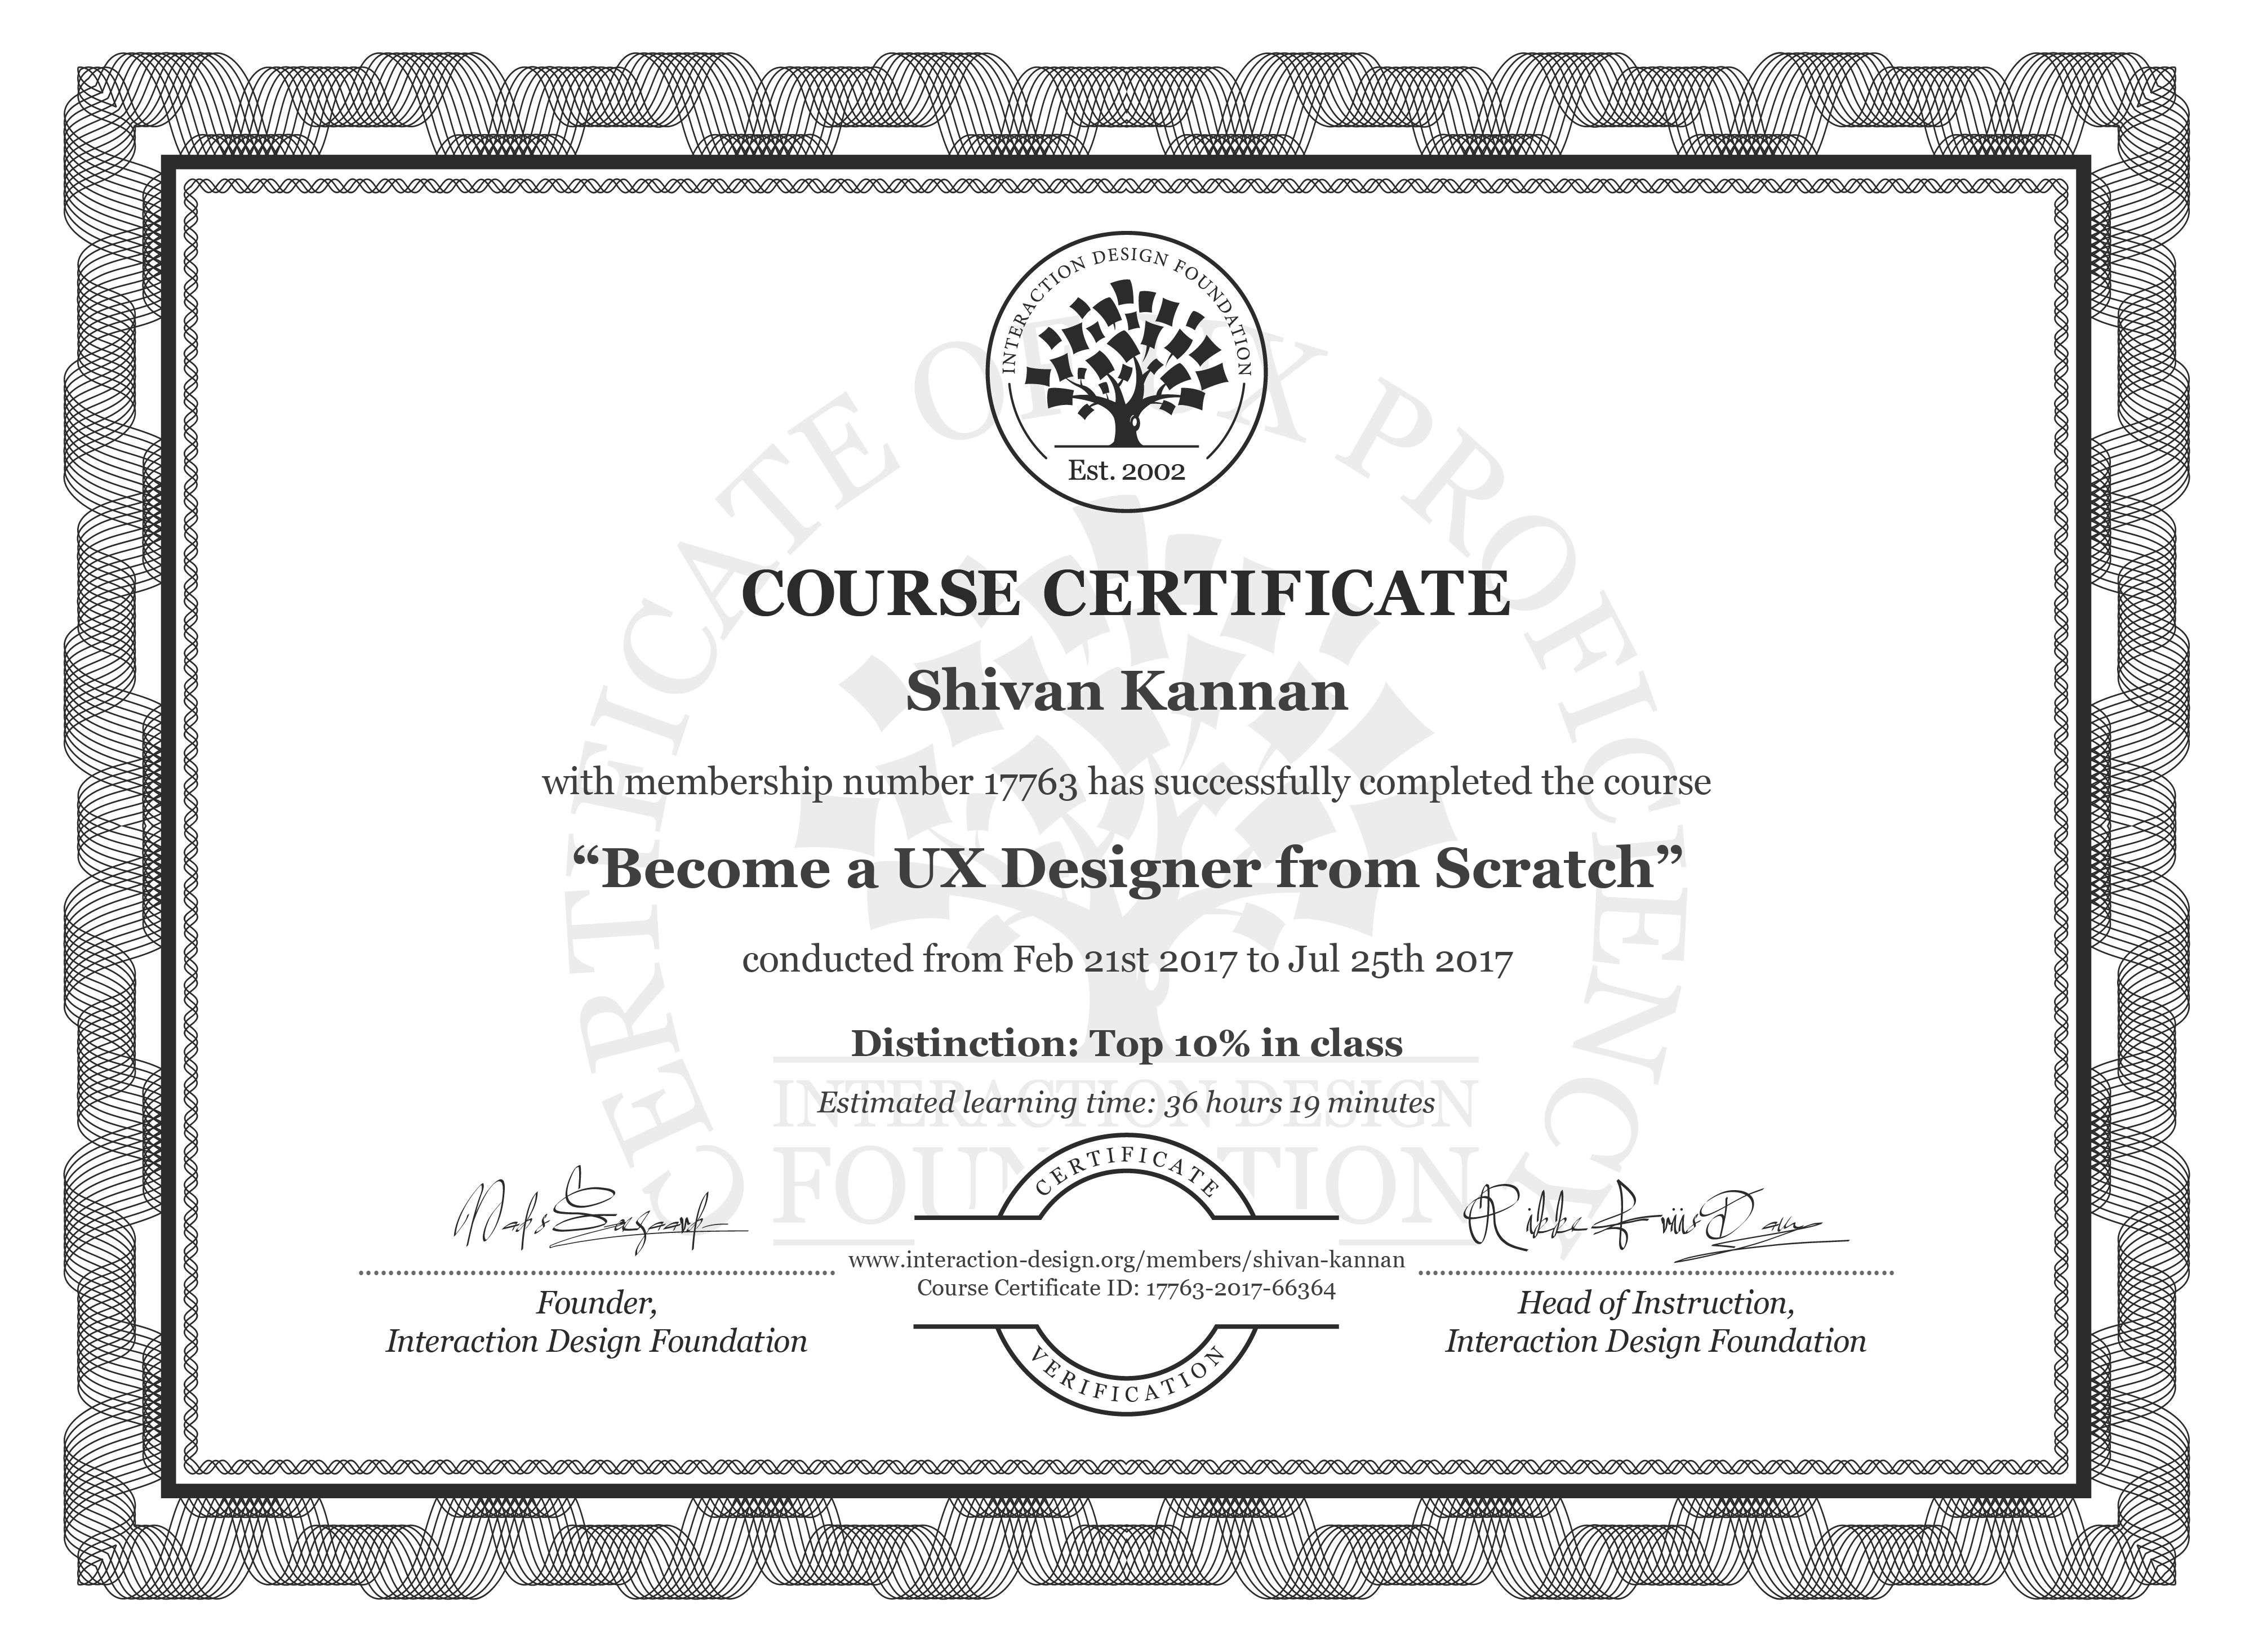 Shivan Kannan: Course Certificate - Become a UX Designer from Scratch